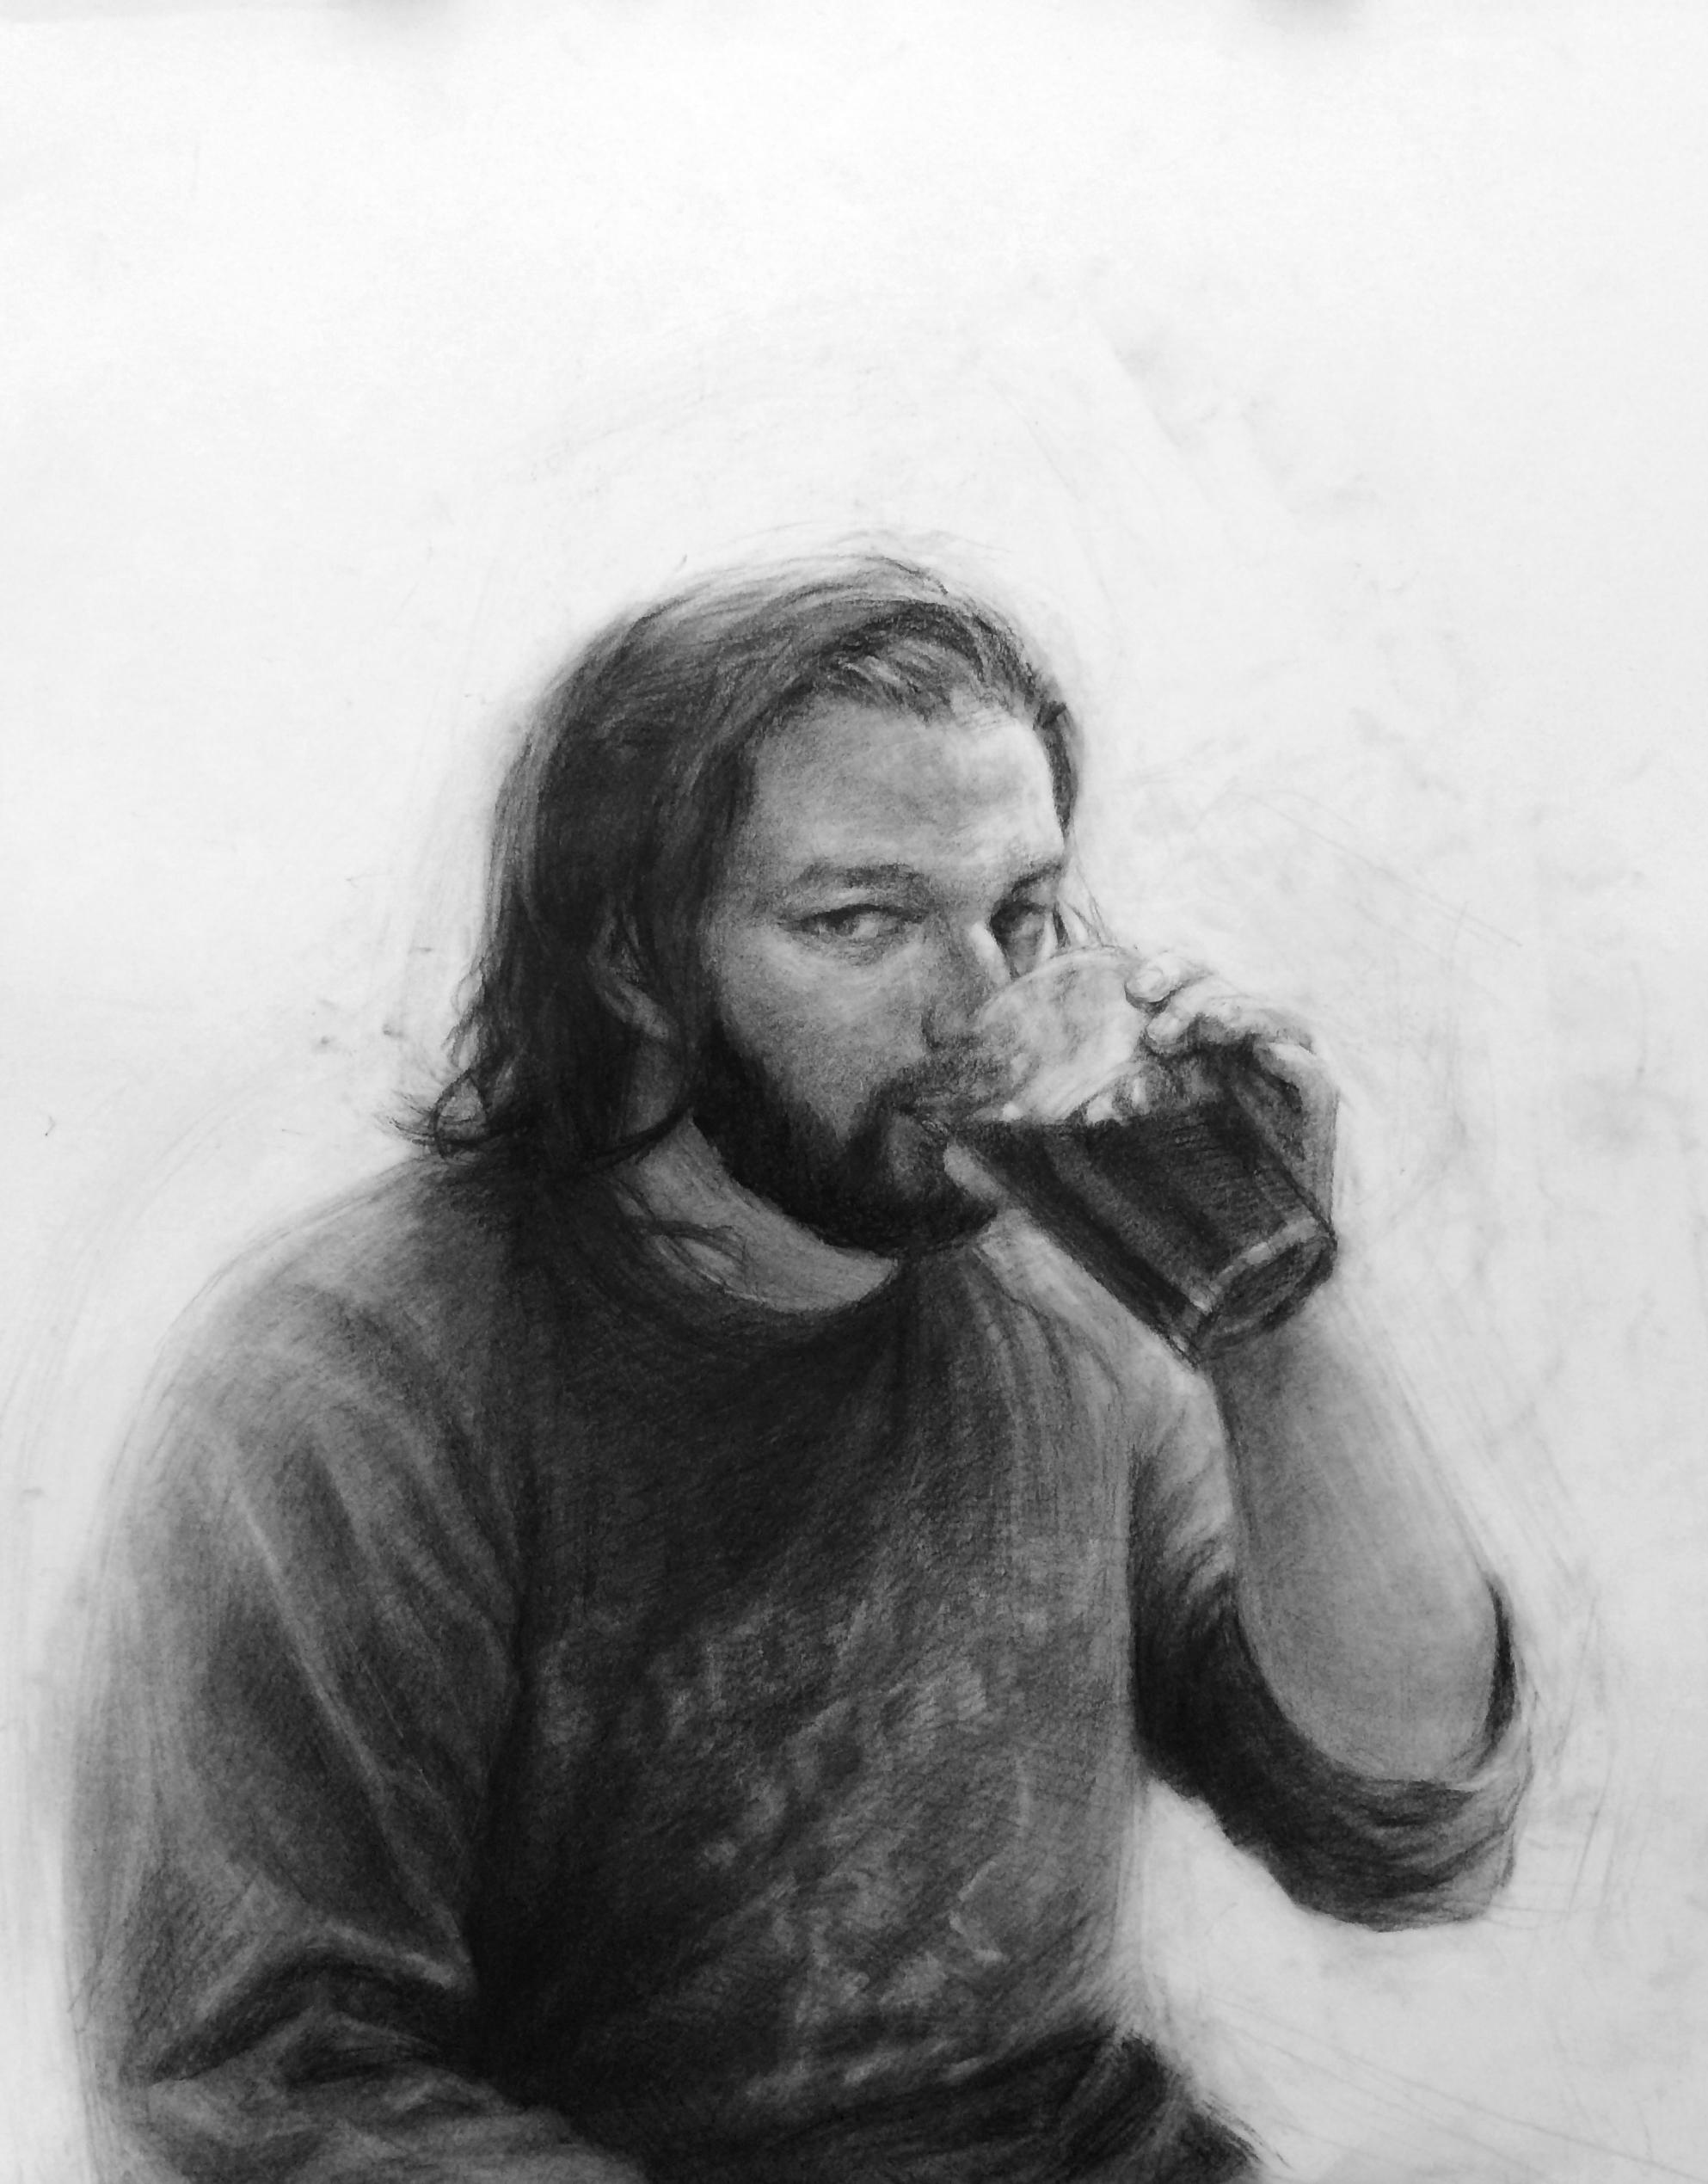 Matt Drinking Coffee / 19x24 / Charcoal / 2015